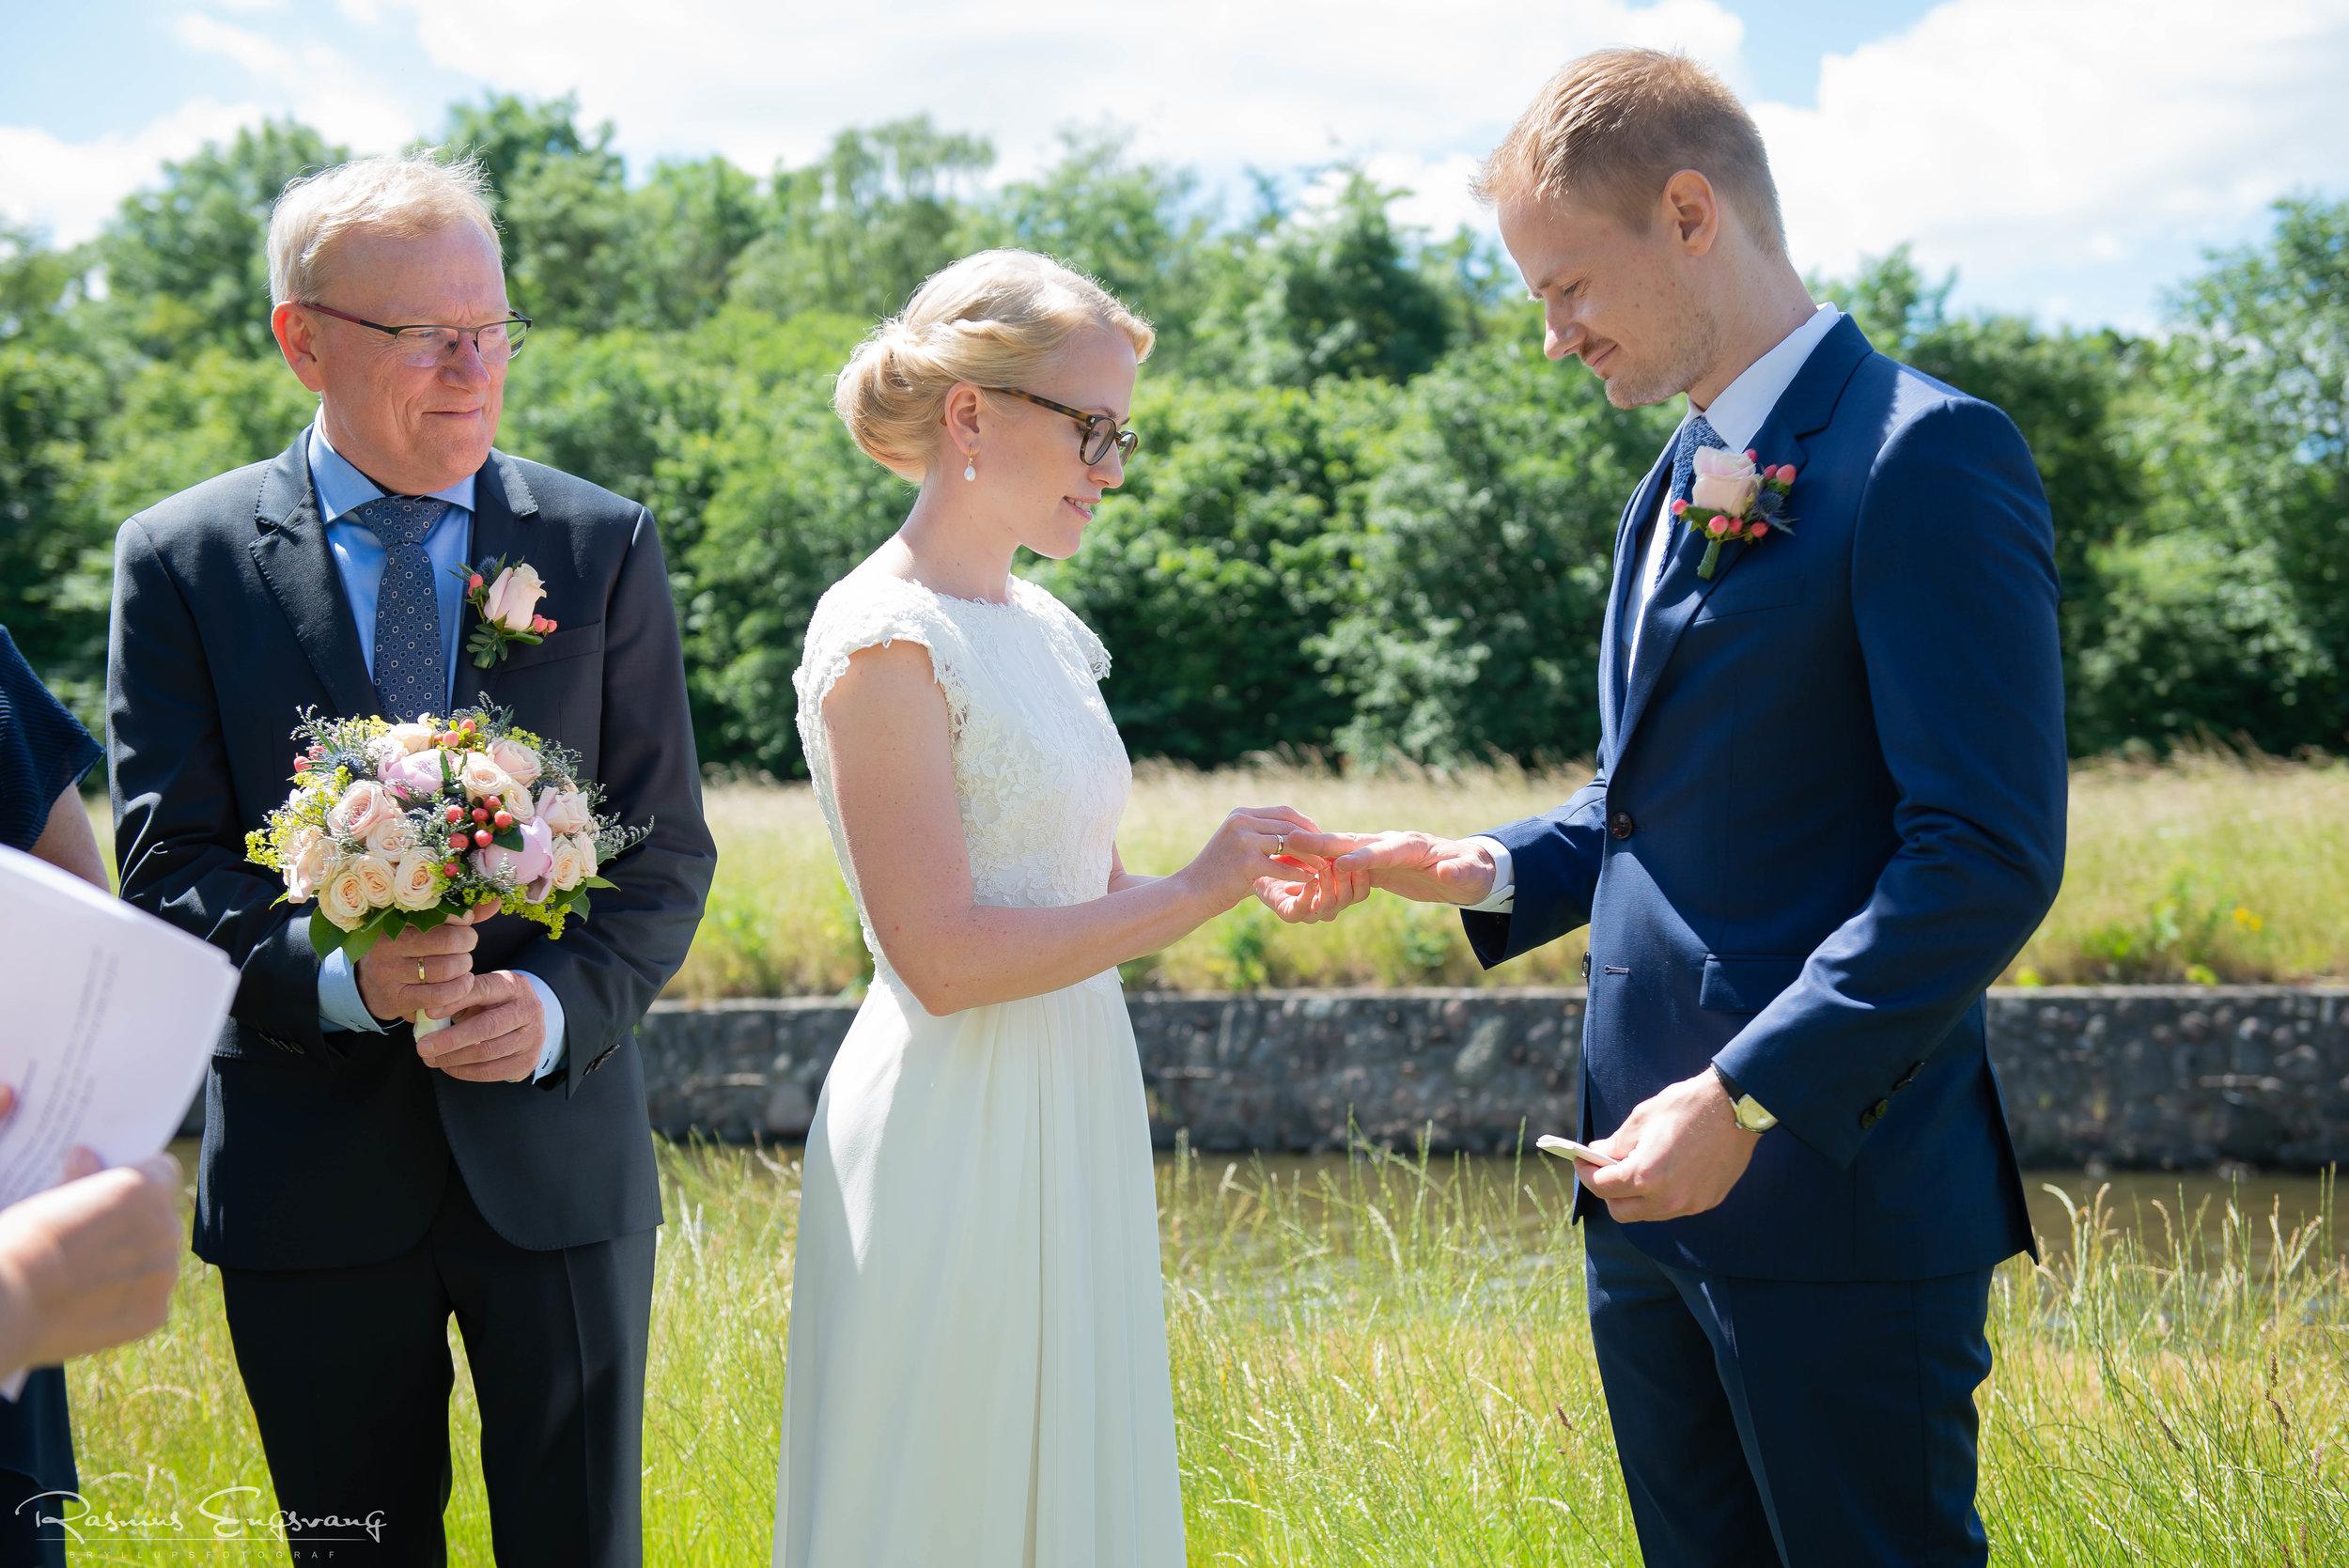 110_Bryllup_Kattinge Værk_Natur_Vielse.jpg